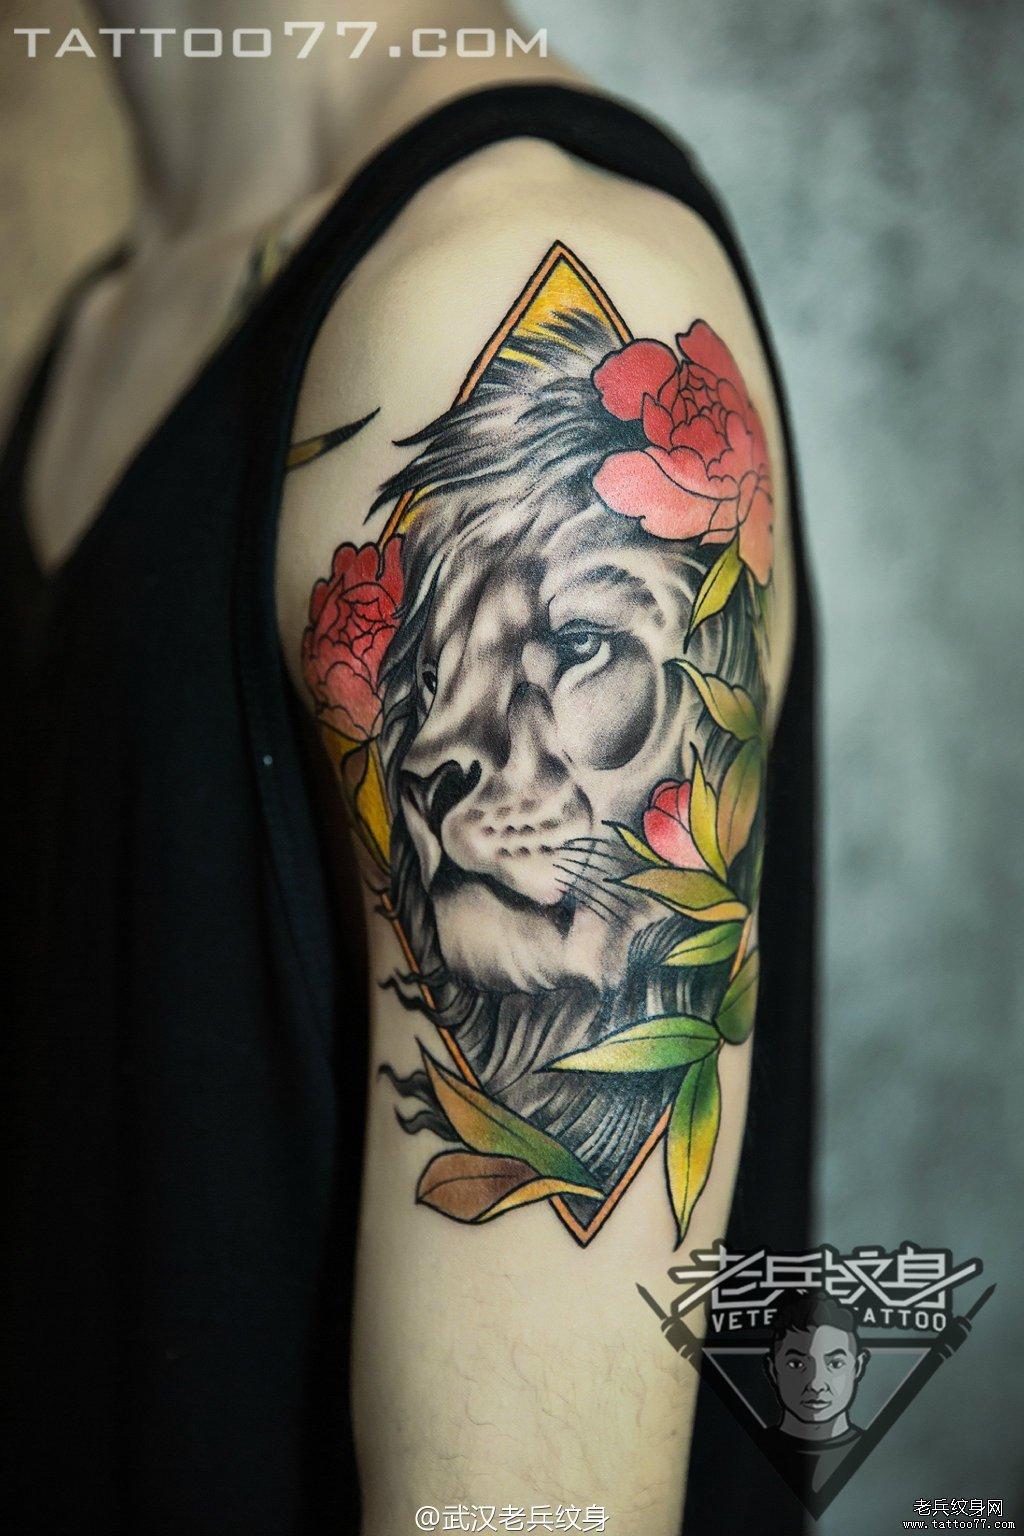 花臂半胛猴王观音刺青图案作品         后背狼刺青图案作品